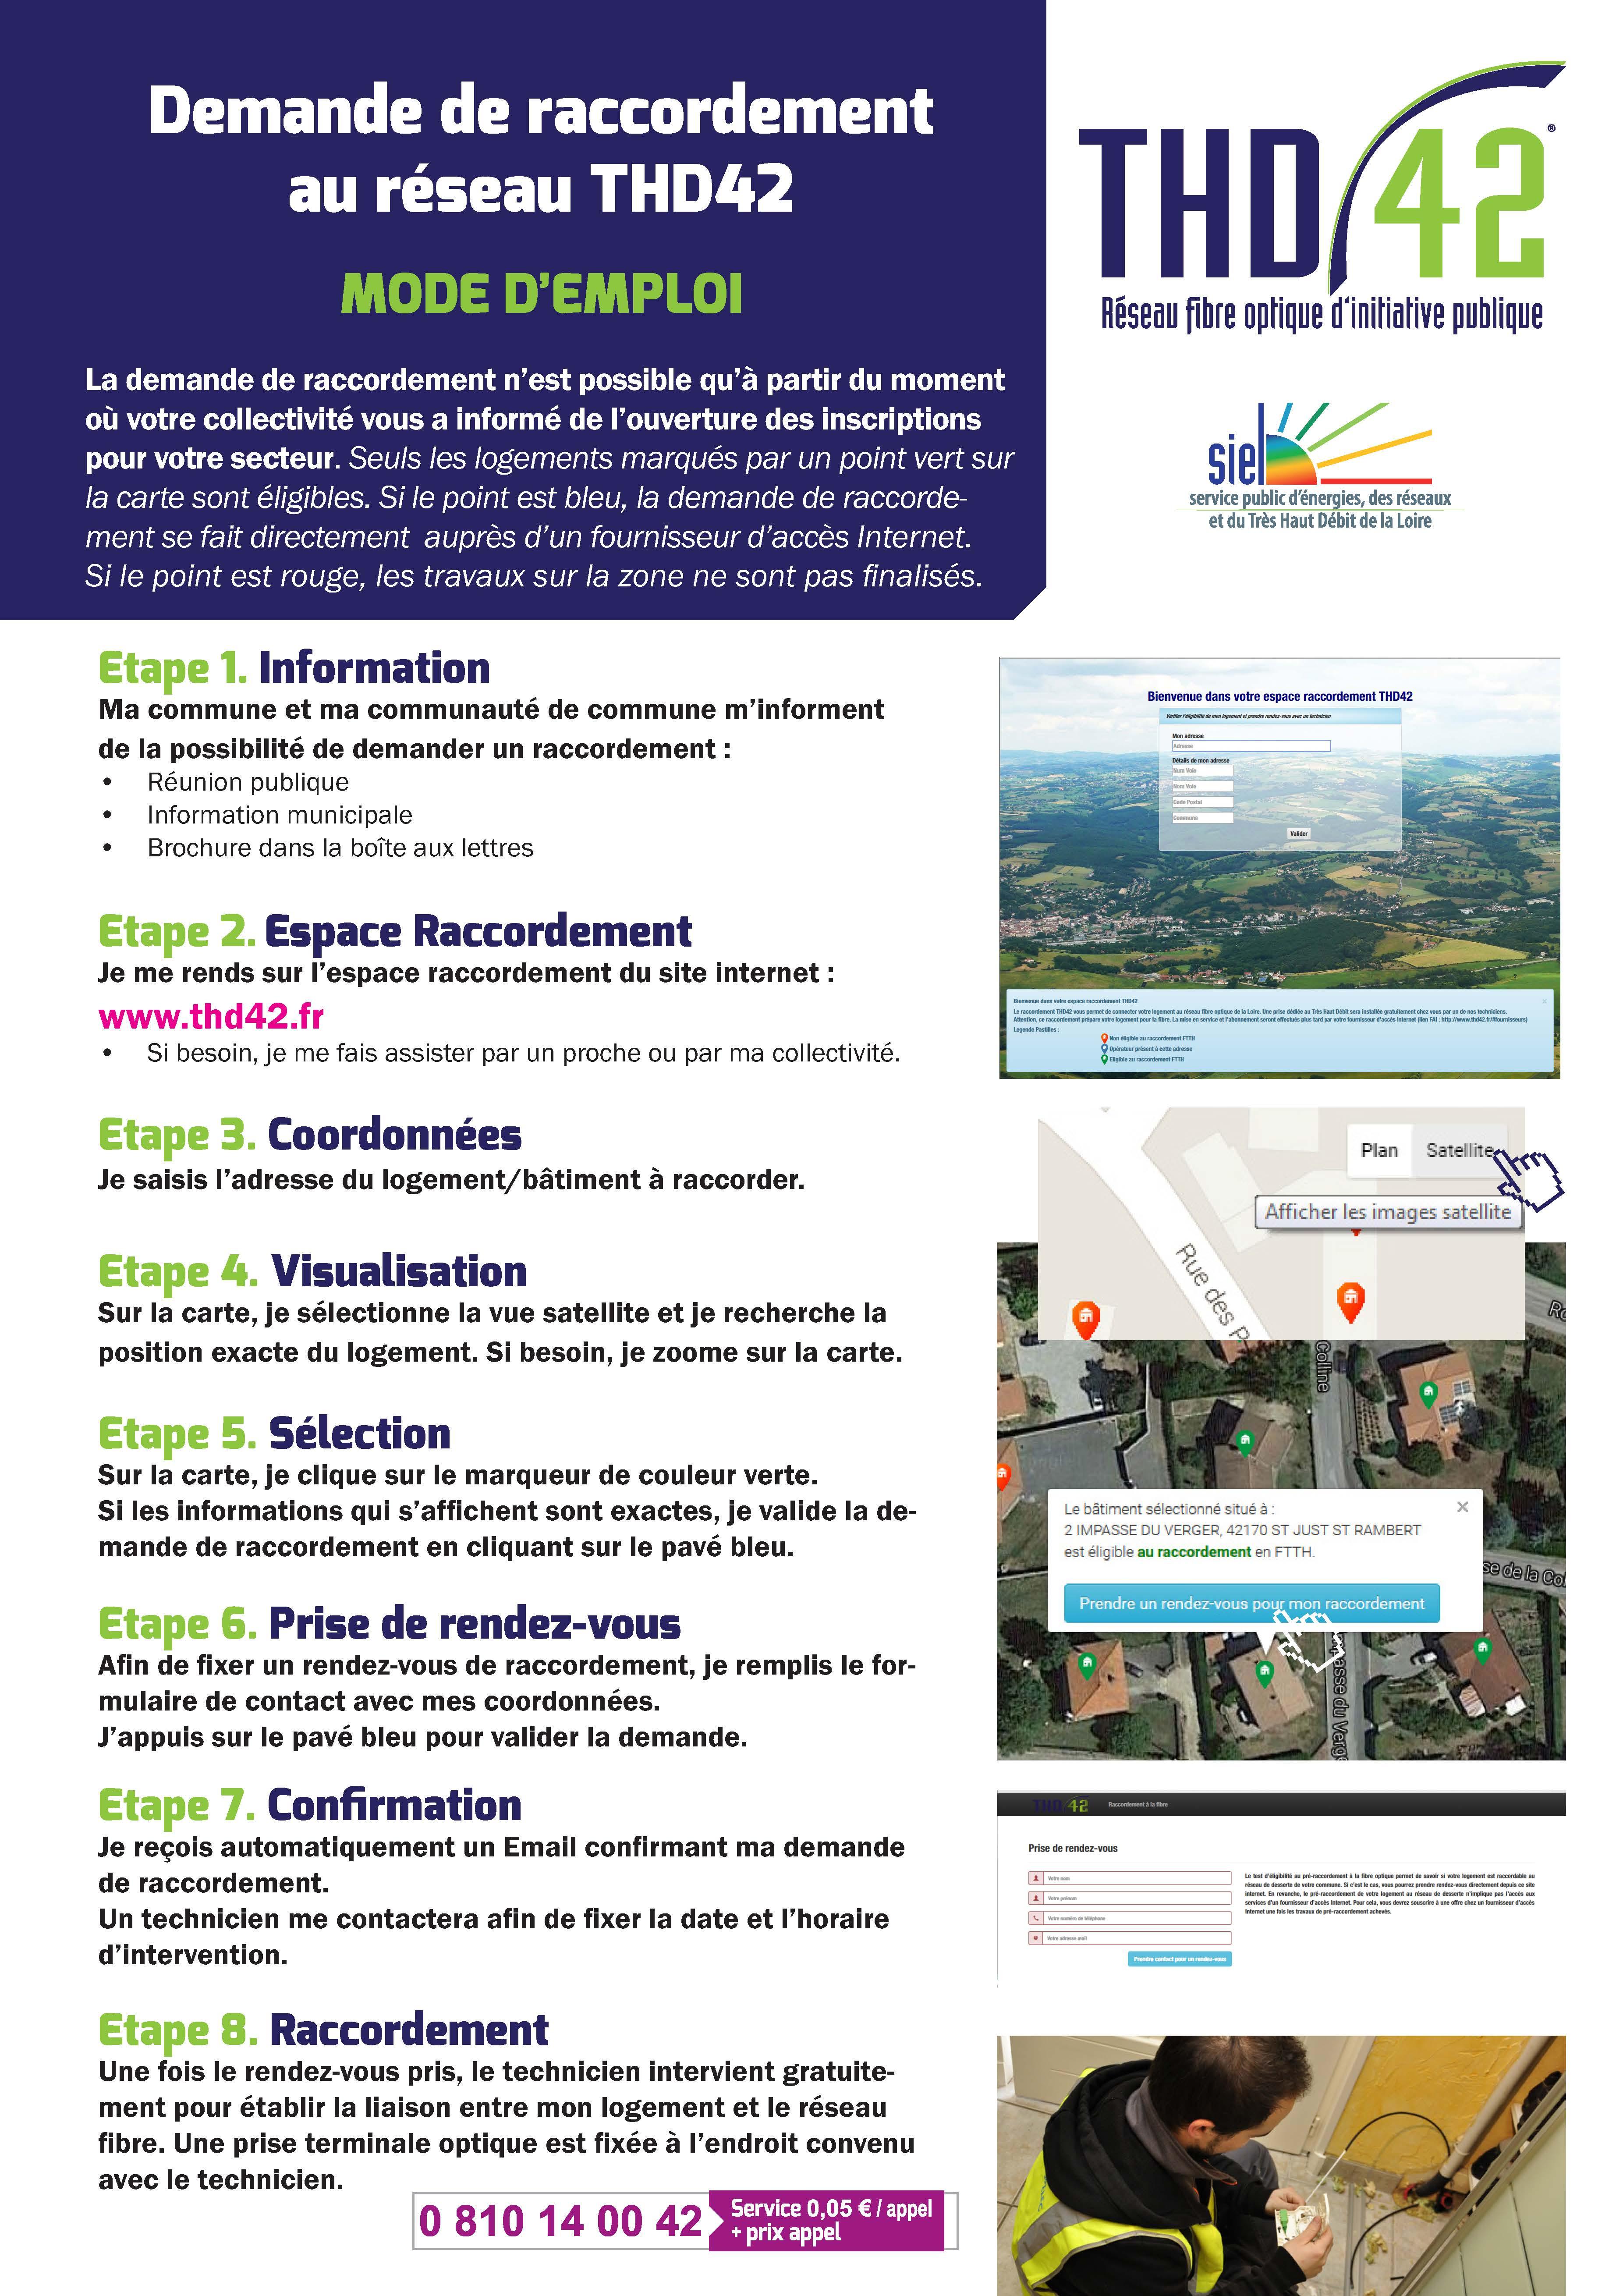 procedure-raccordement-thd42-visuel